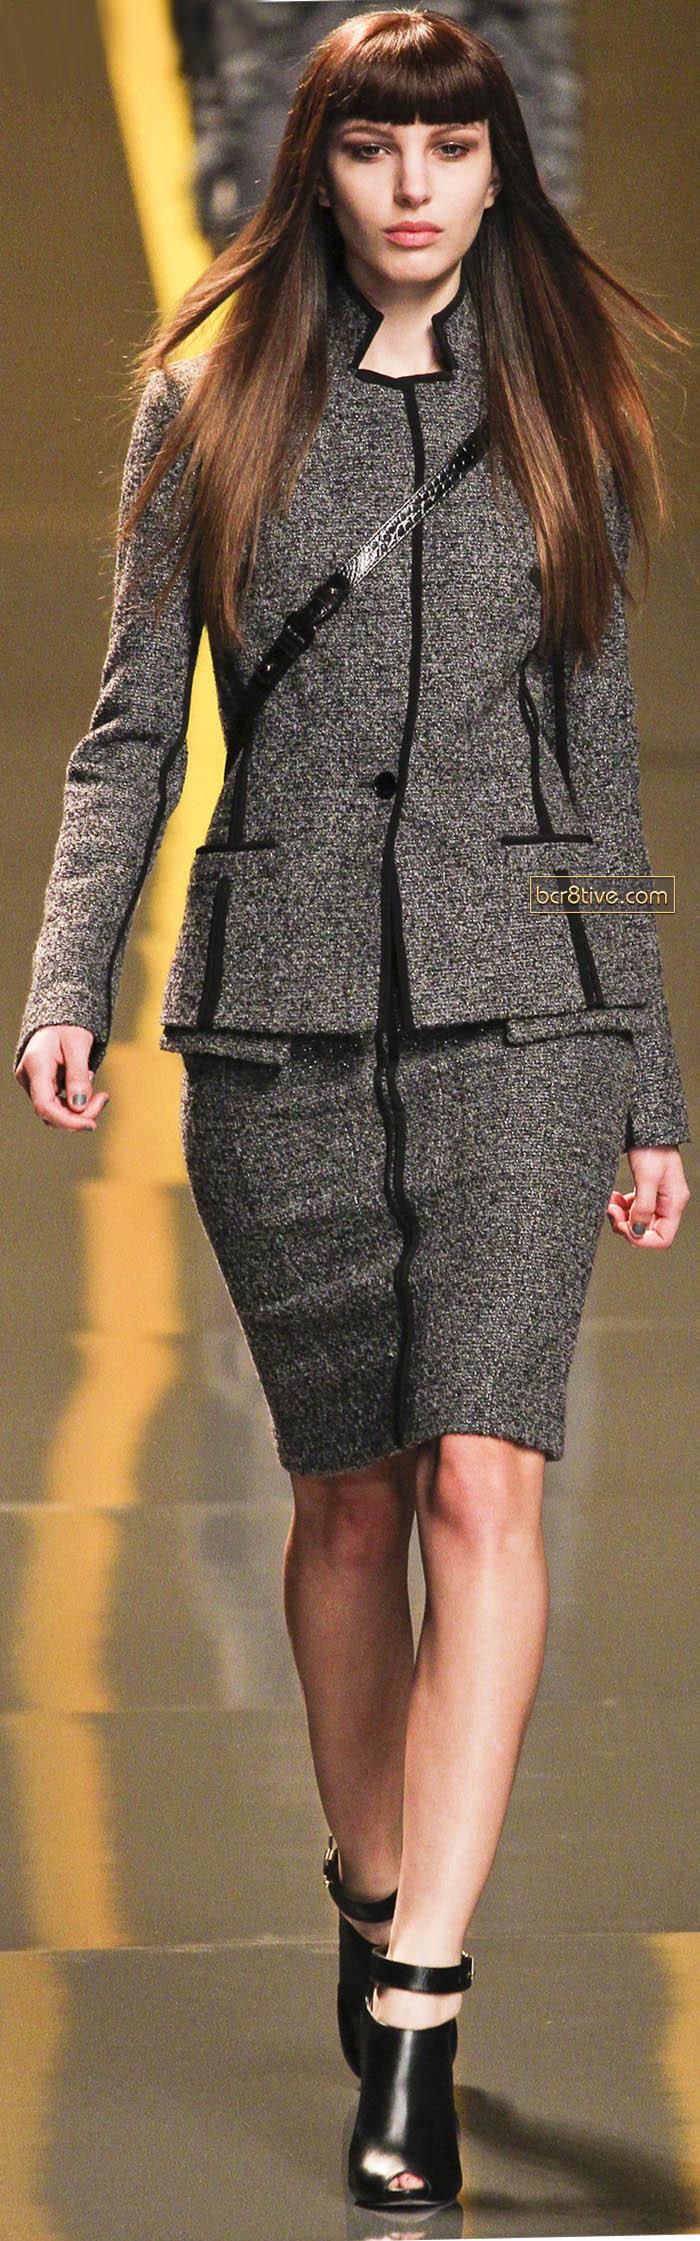 Elie Saab Fall Winter 2012 RTW